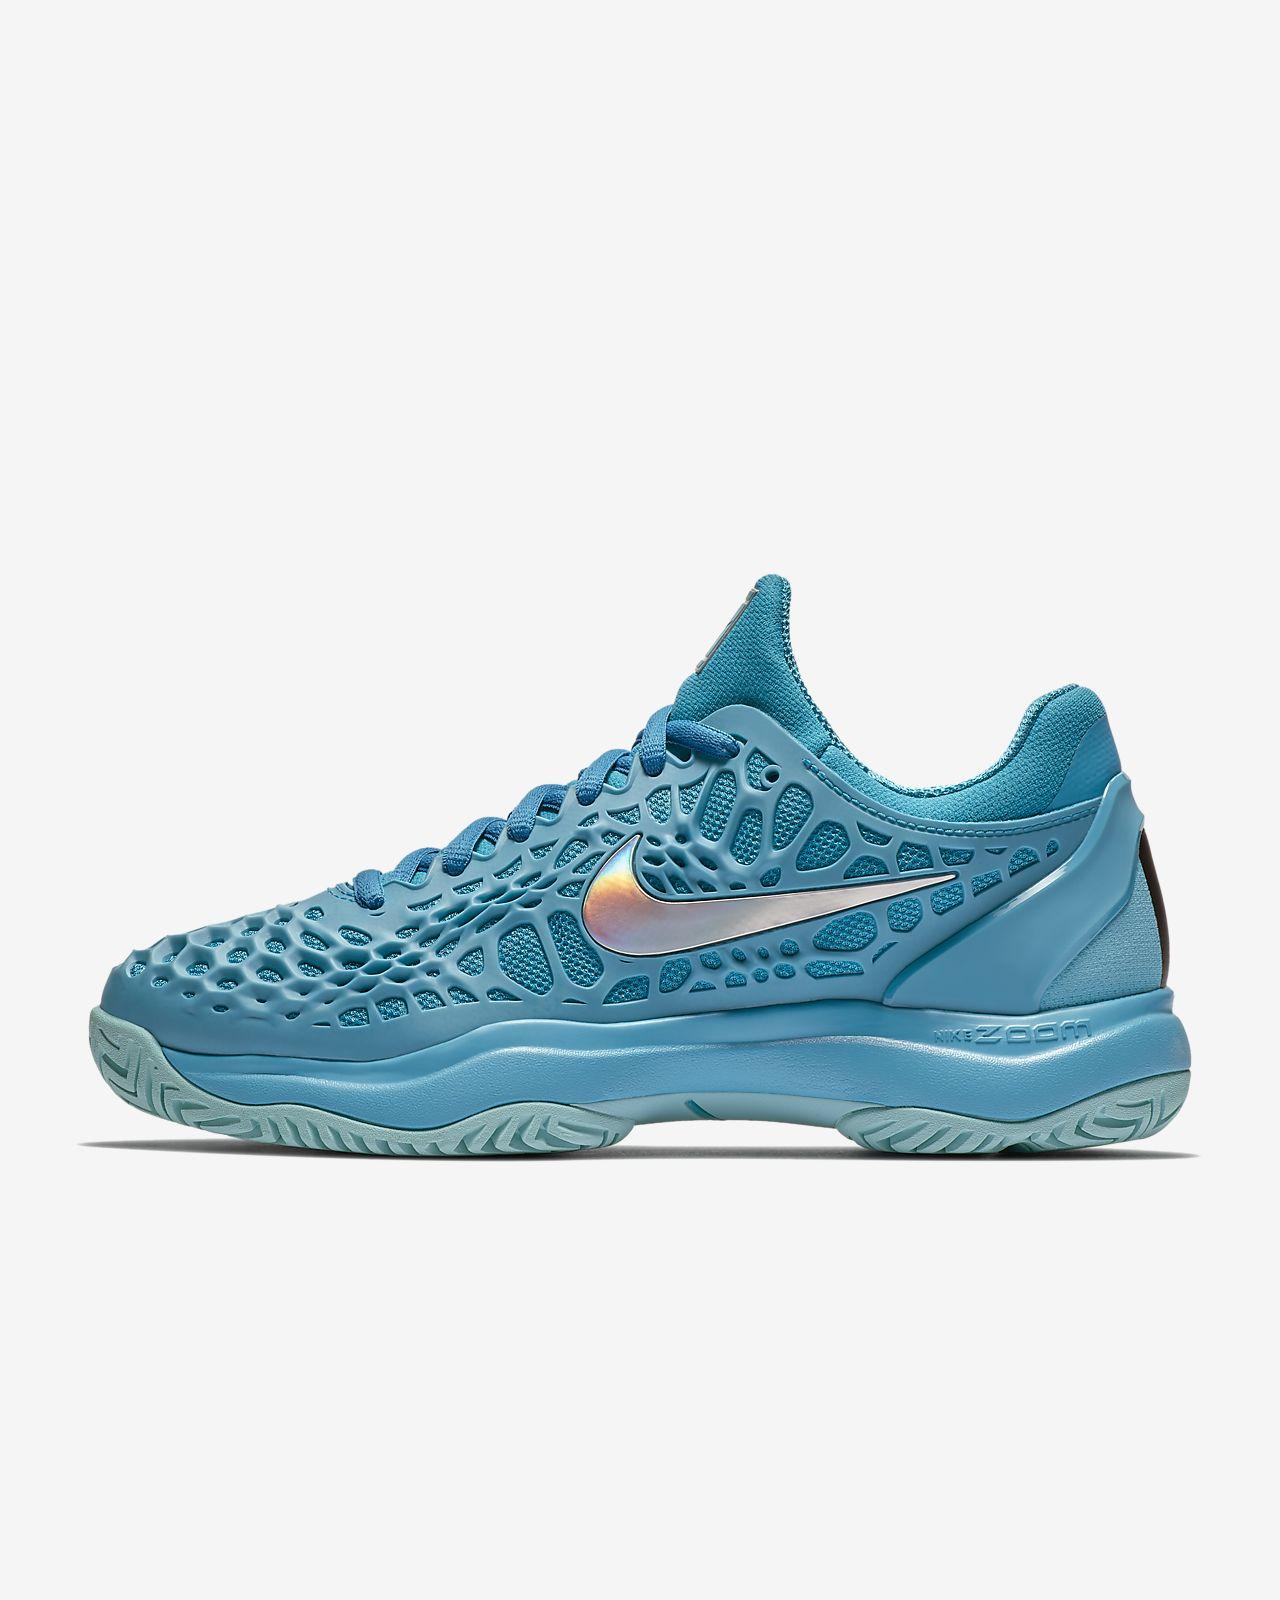 18b60cfaa Nike Zoom Cage 3 HC Women's Tennis Shoe. Nike.com AT